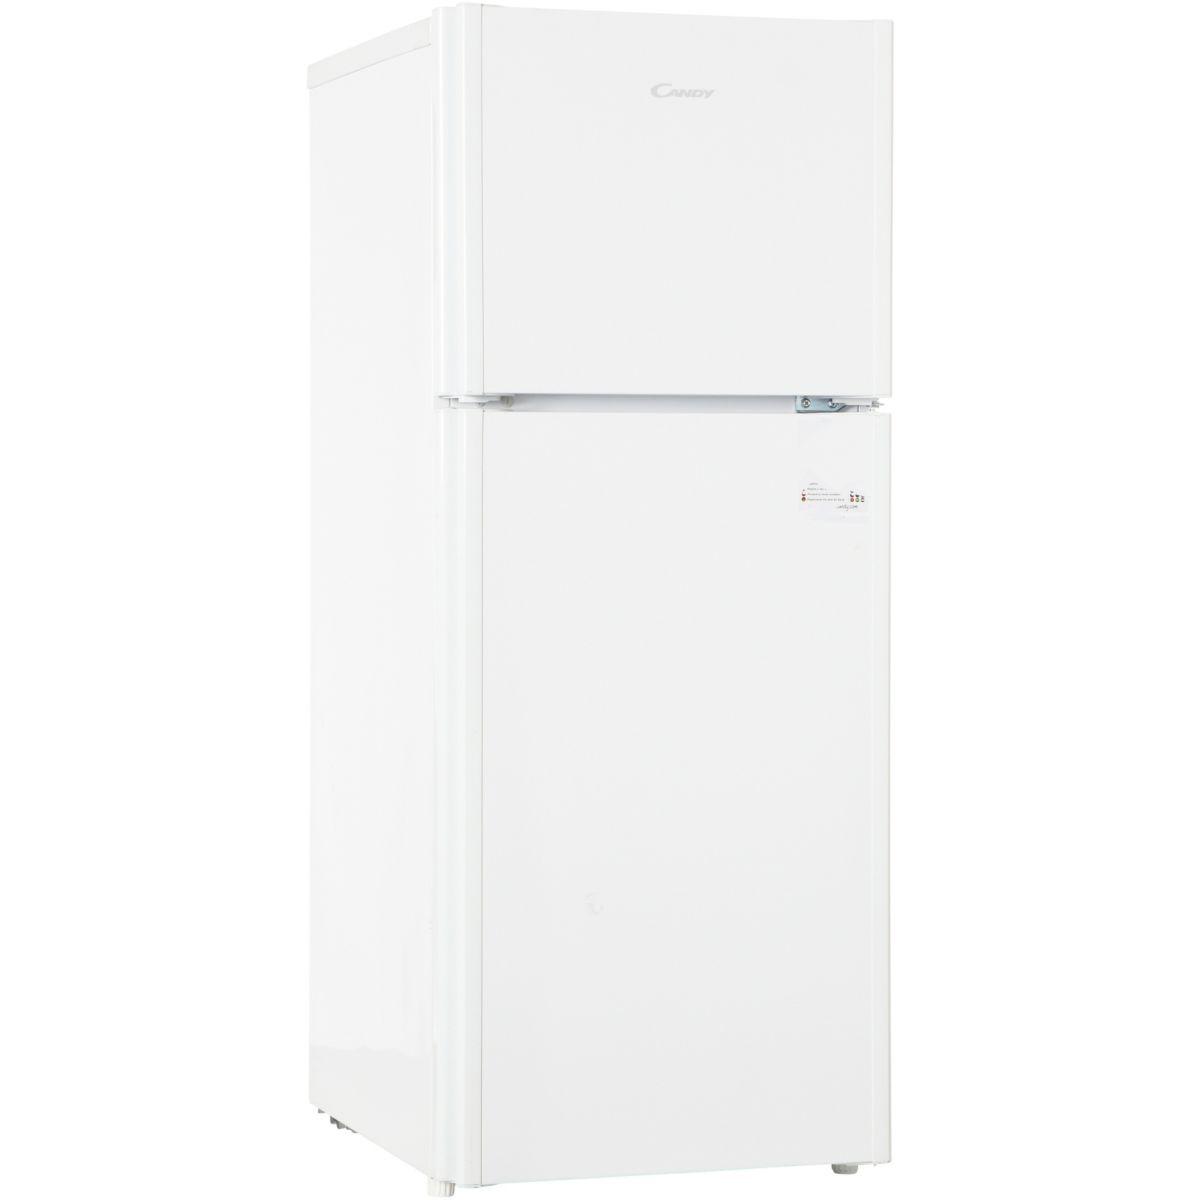 Réfrigérateur congélateur en haut CANDY CKDS5122W (photo)